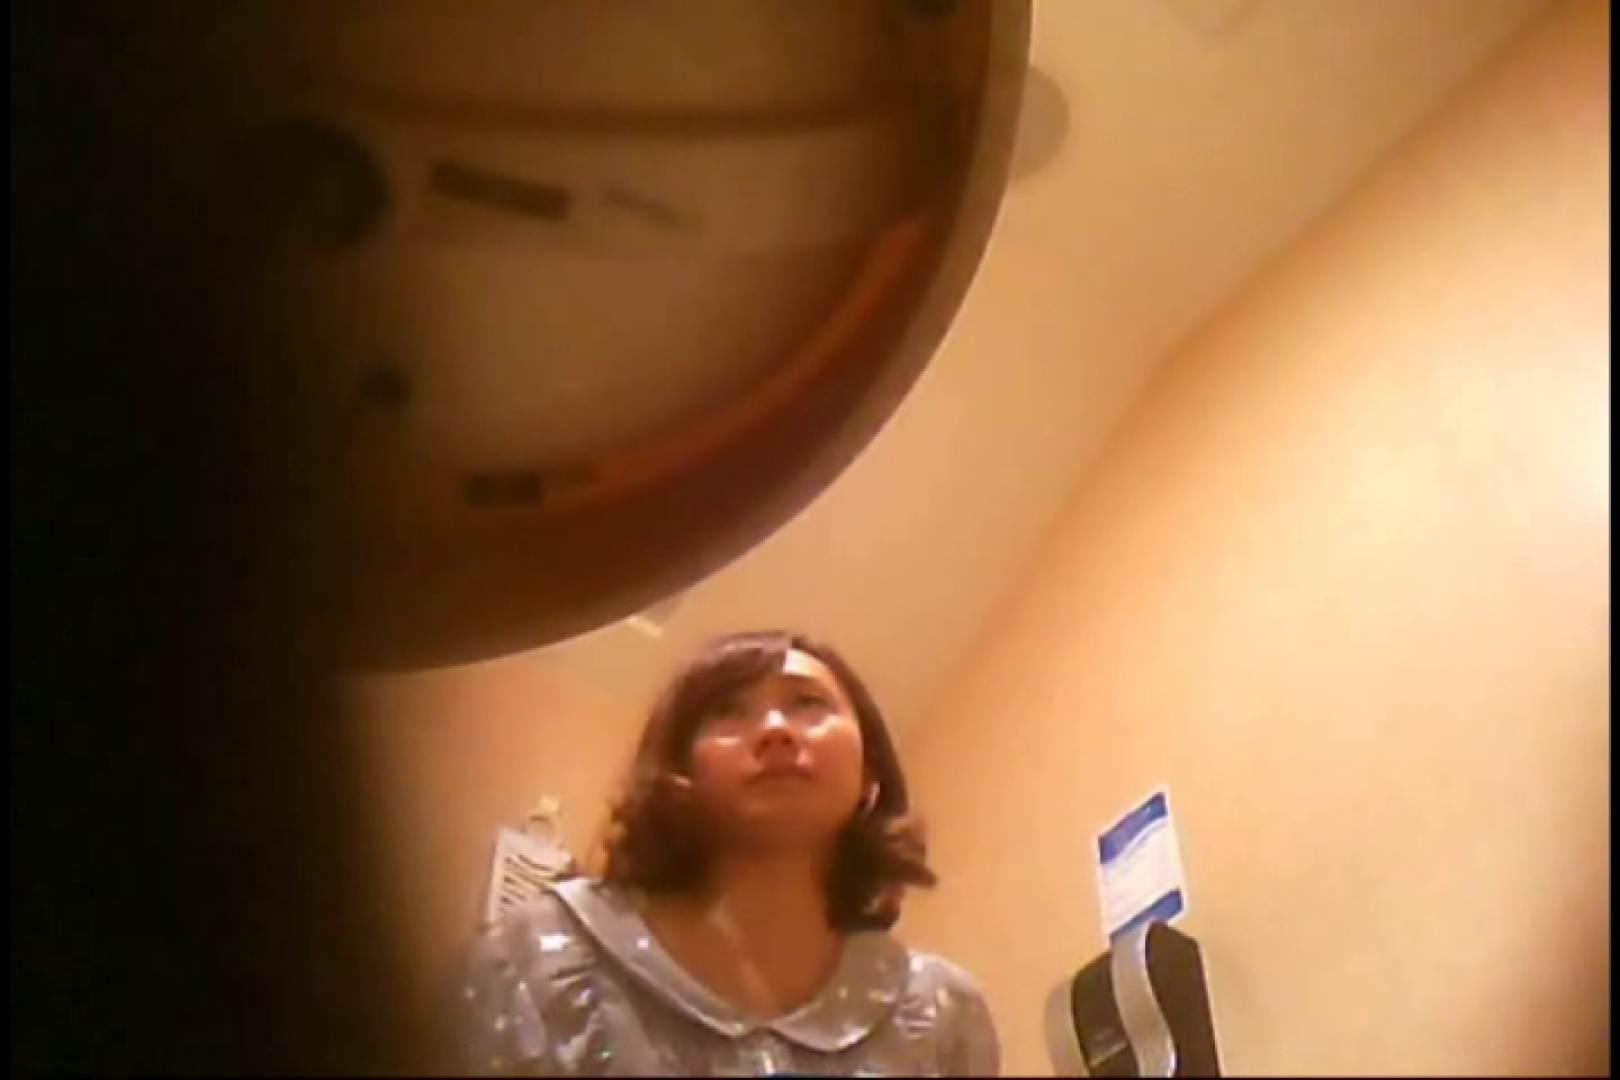 潜入!!女子化粧室盗撮~絶対見られたくない時間~vo,55 エッチな盗撮 盗み撮り動画 103pic 8